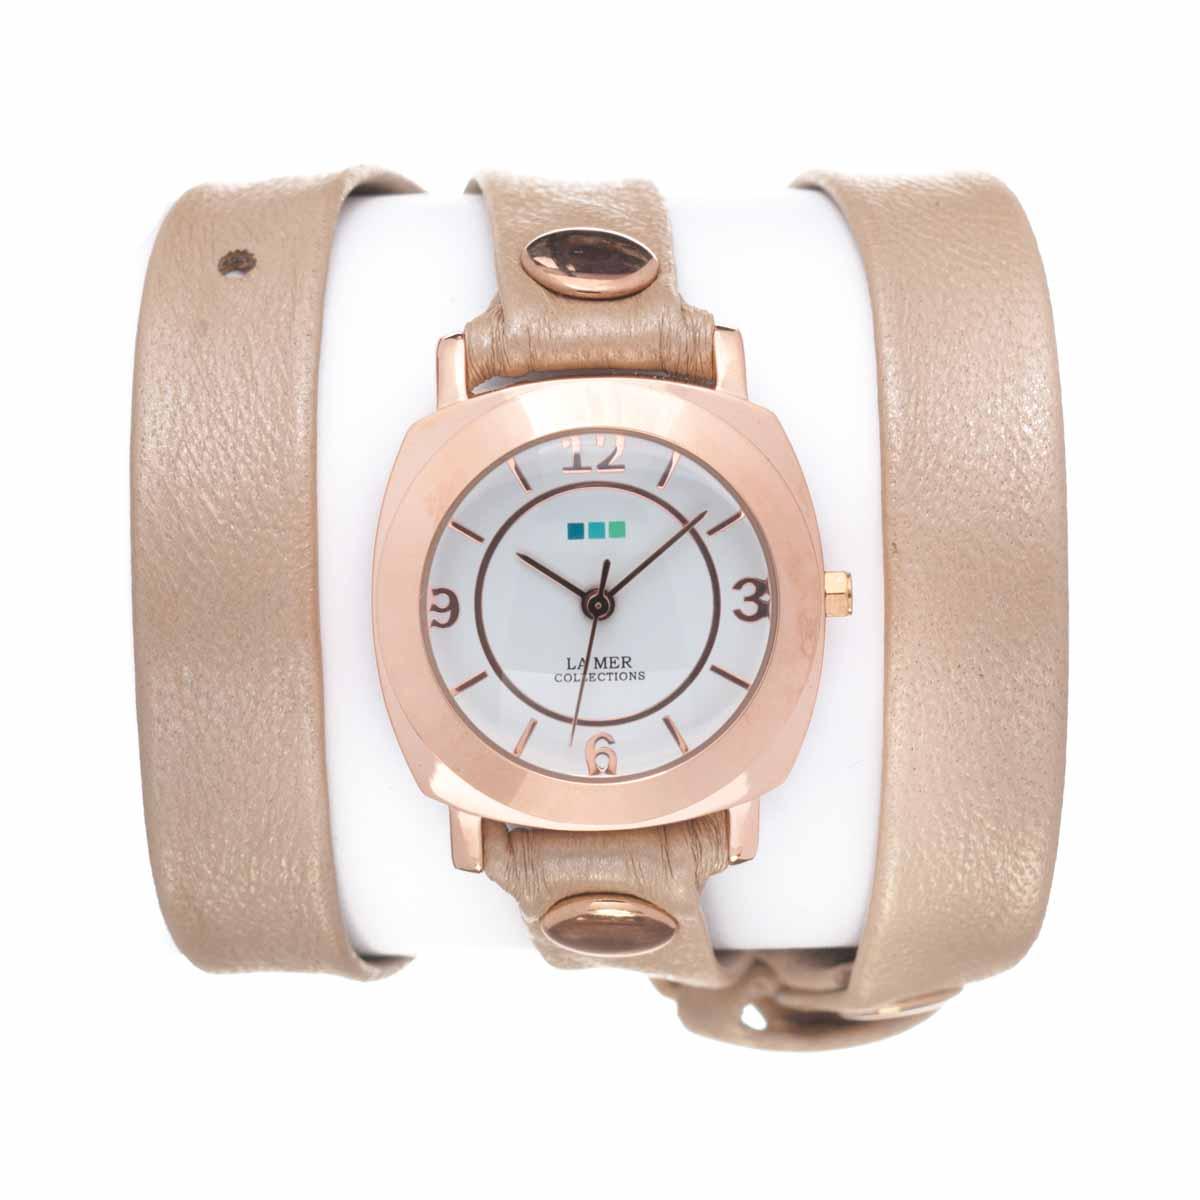 Часы наручные женские La Mer Collections Odyssey Pearl Rose Gold. LMODY3001xLMODY3001xЧасы оснащены японским кварцевым механизмом. Корпус круглой формы выполнен из нержавеющей стали золотистого цвета. Оригинальный кожаный ремешок бежевого цвета отделан металлическими клепками. Каждая модель женских наручных часов La Mer Collections имеет эксклюзивный дизайн, в основу которого положено необычное сочетание классических циферблатов с удлиненными кожаными ремешками. Оборачиваясь вокруг запястья несколько раз, они образуют эффект кожаного браслета, превращая часы в женственный аксессуар, который великолепно дополнит другие аксессуары и весь образ в целом. Дизайн La Mer Collections отвечает всем последним тенденциям моды и превосходно сочетается с модными сумками, ремнями, обувью и другими элементами гардероба современных девушек. Часы La Mer - это еще и отличный подарок любимой девушке, сестре или подруге на день рождения, восьмое марта или новый год!